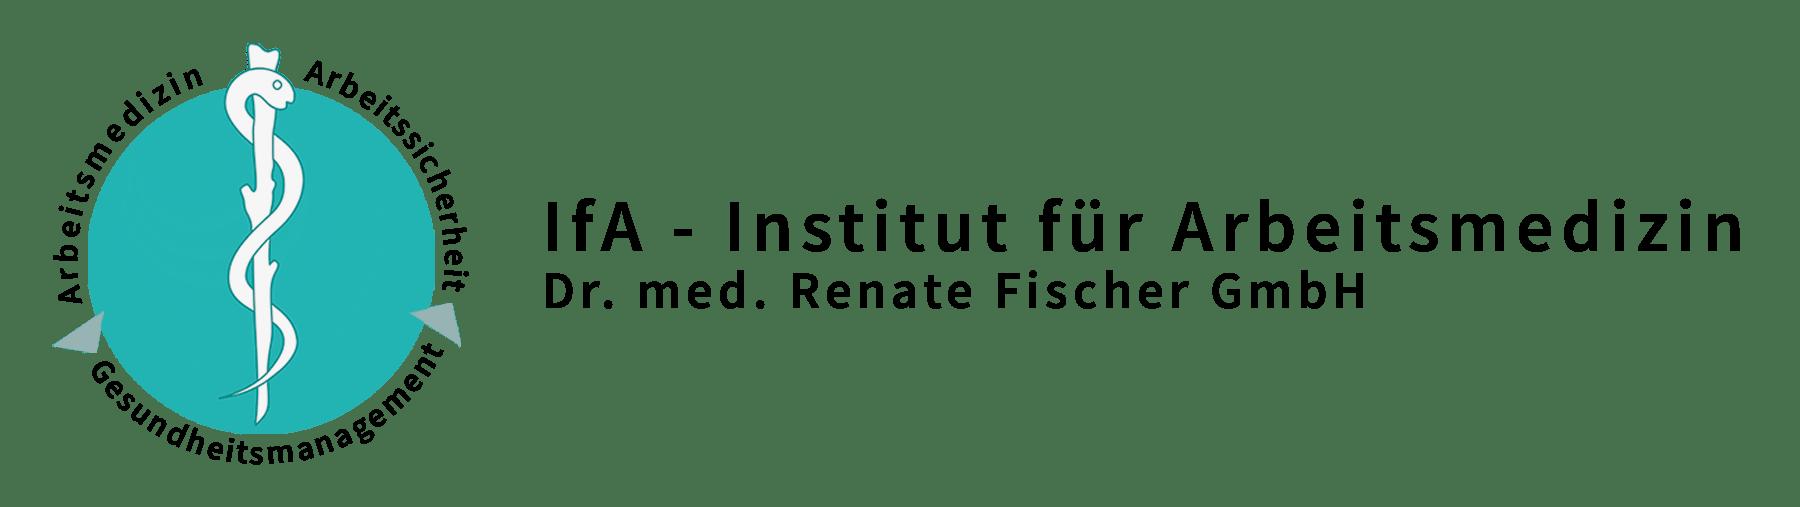 IfA - Institut für Arbeitsmedizin Dr. med. Renate Fischer GmbH